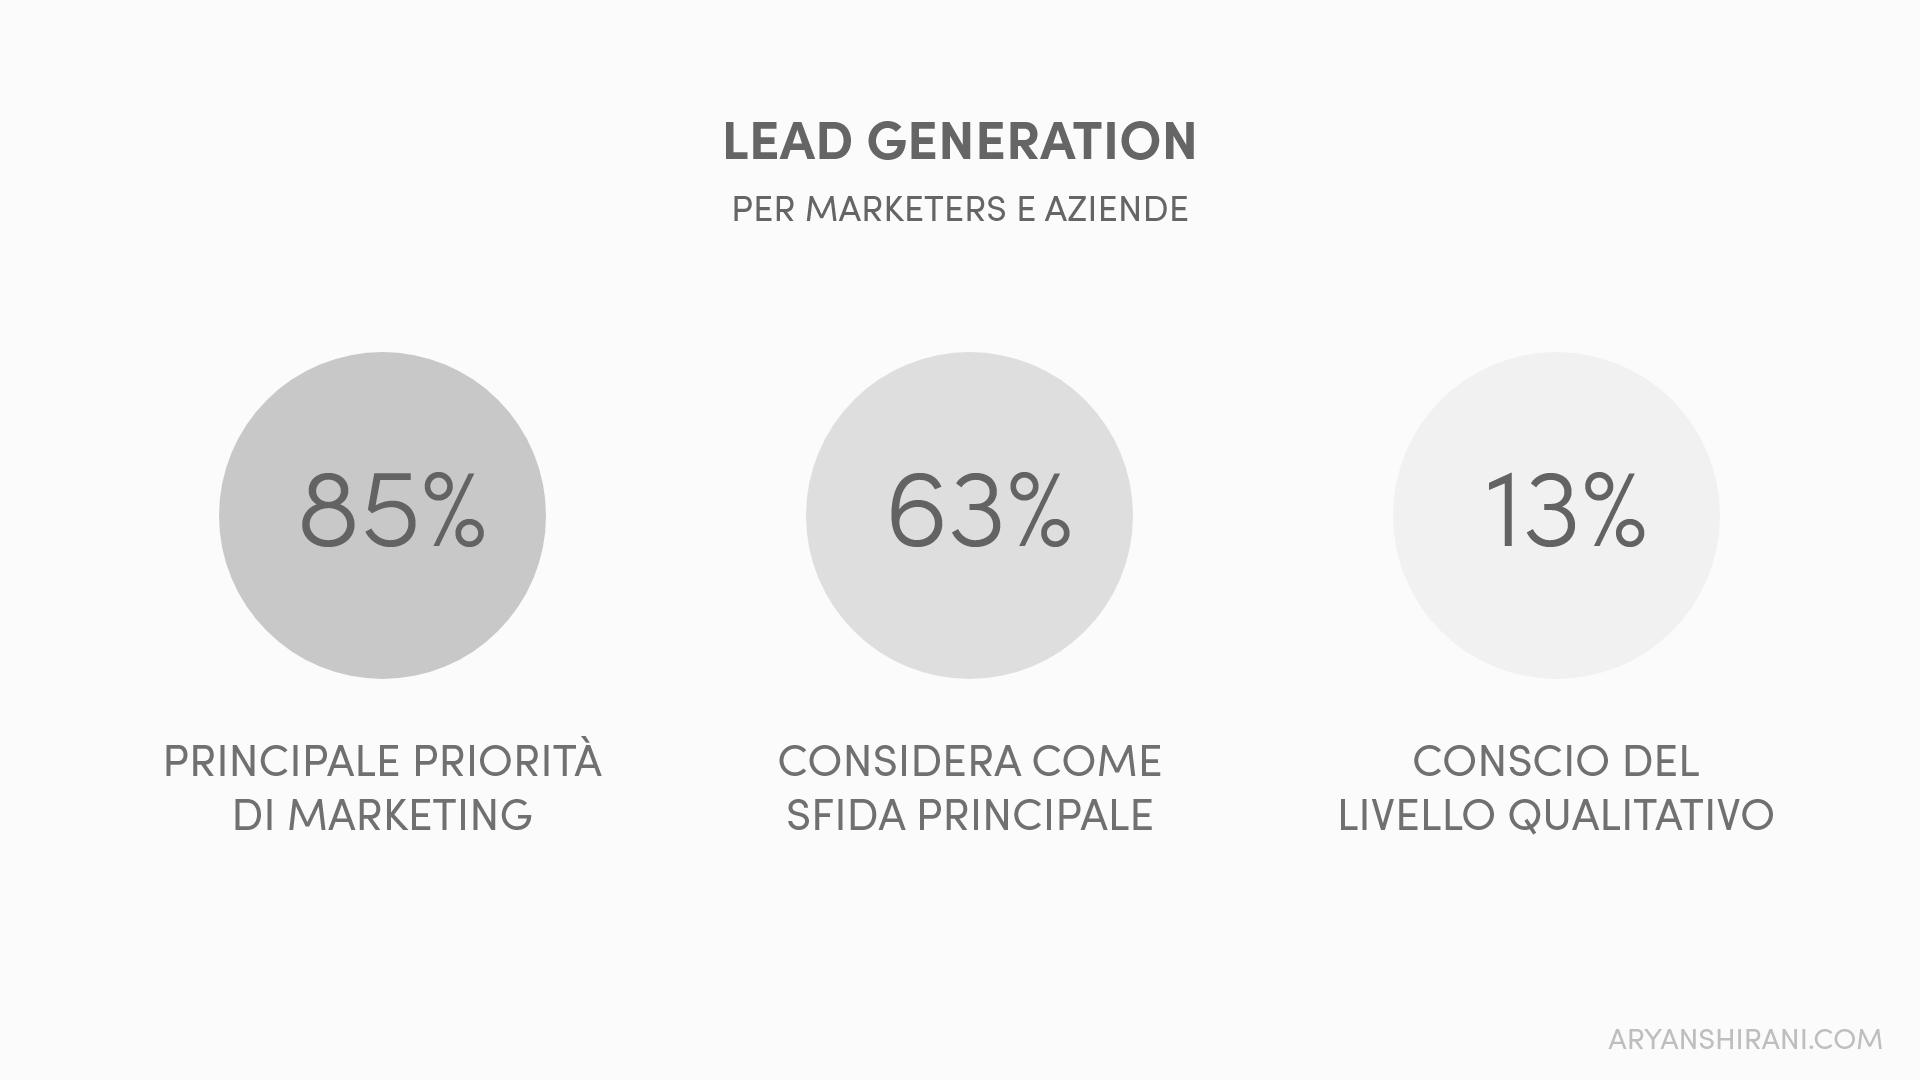 Lead generation statistiche